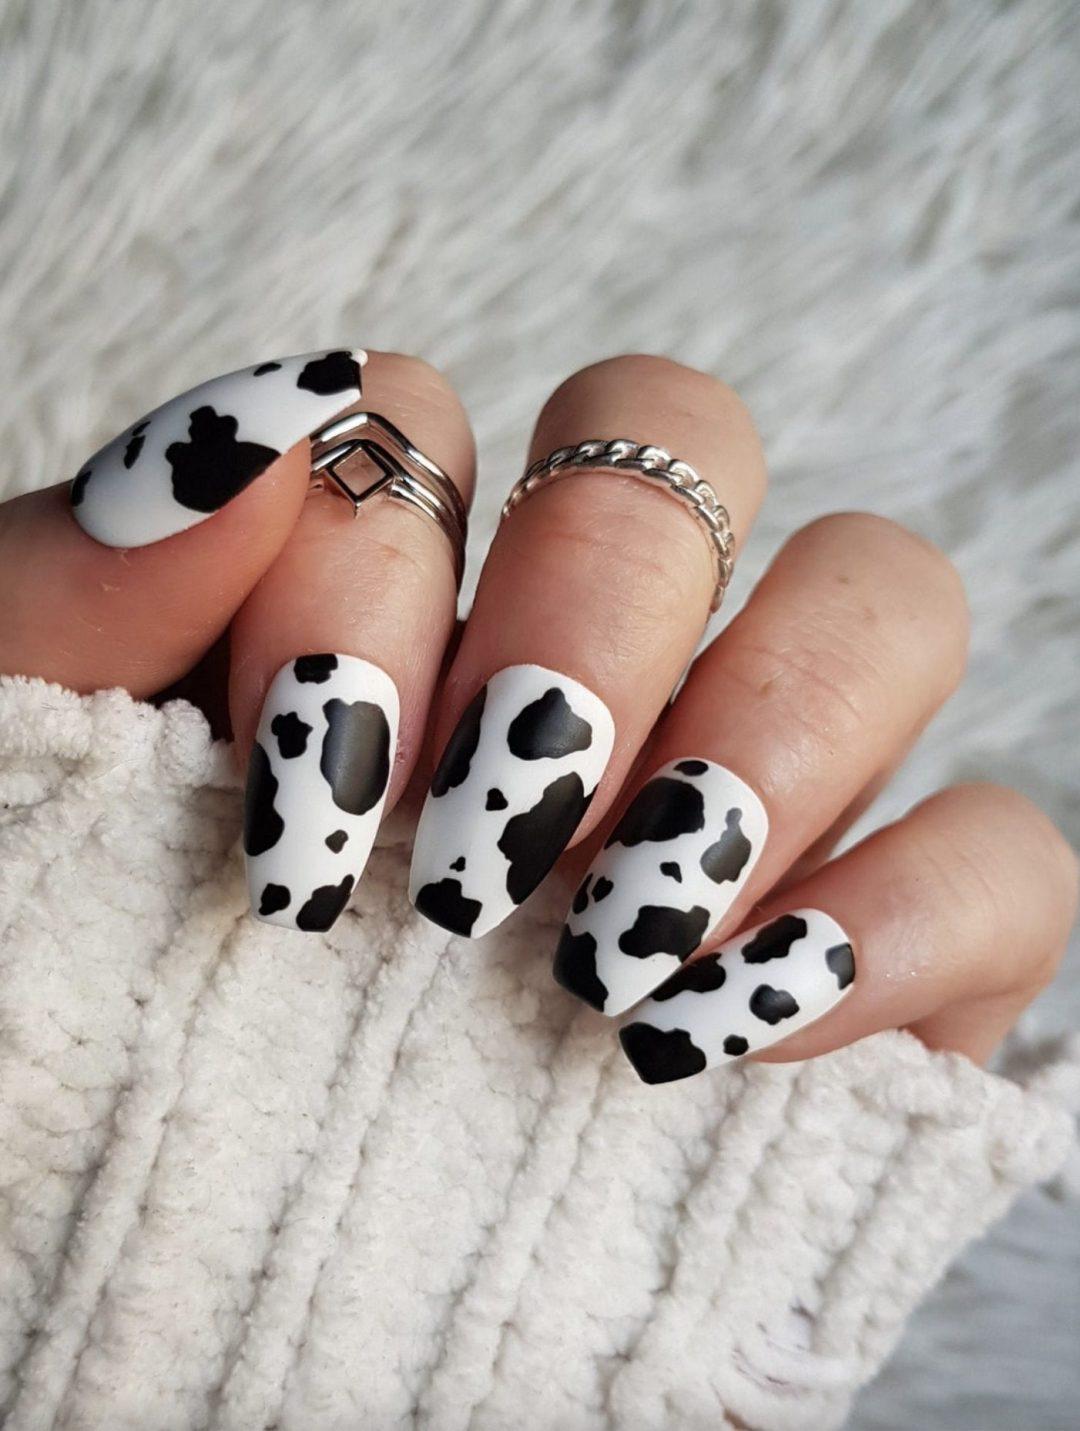 Cute cow print nails